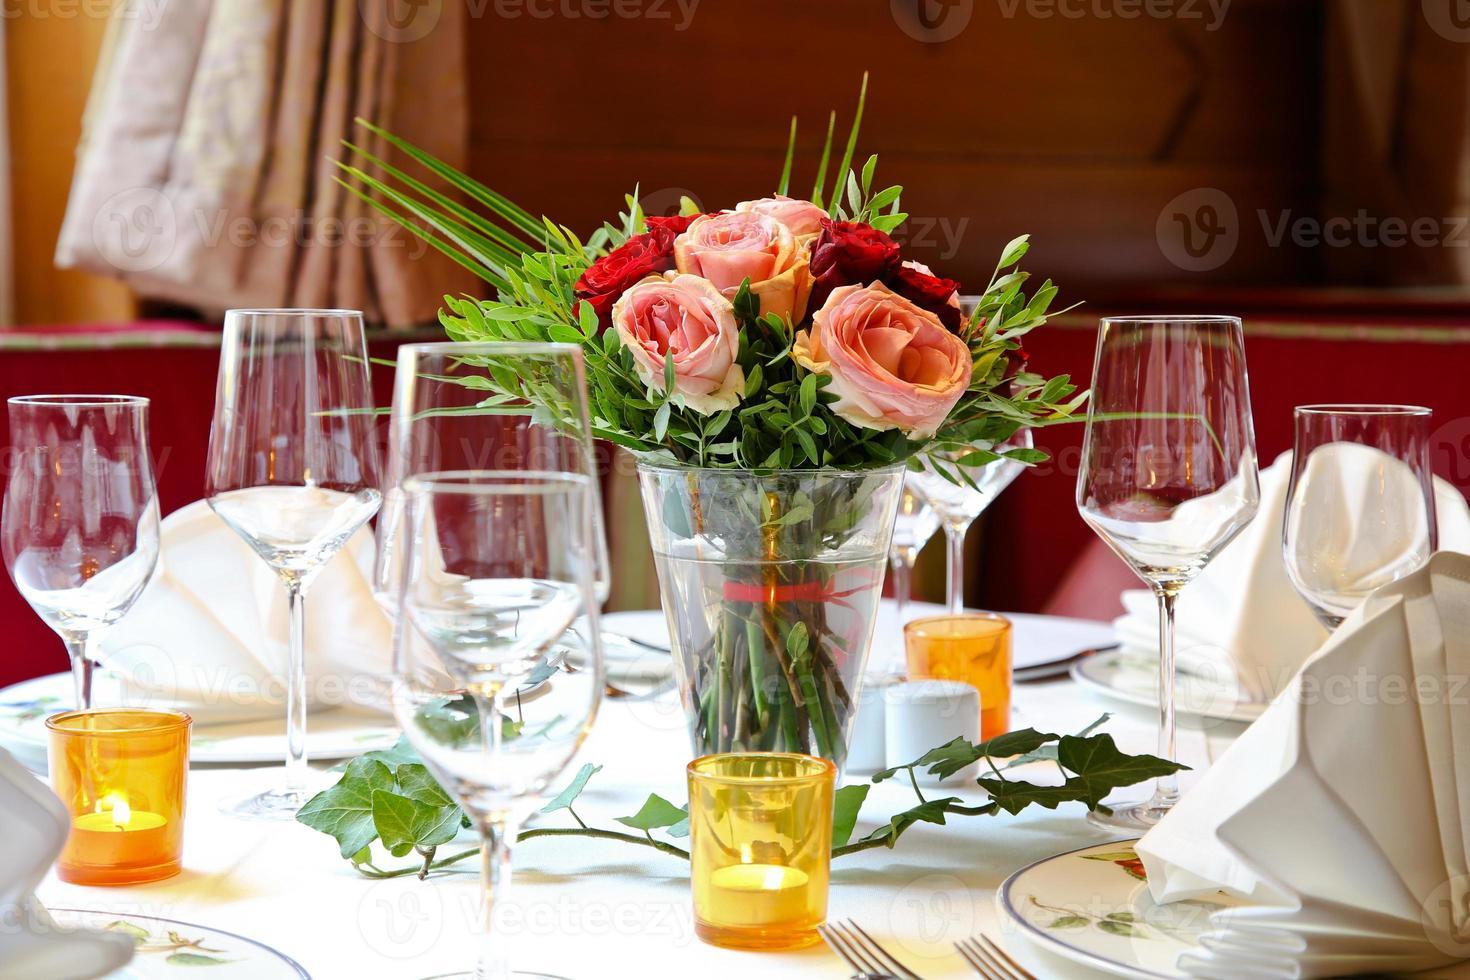 ristorante con bel fiore foto